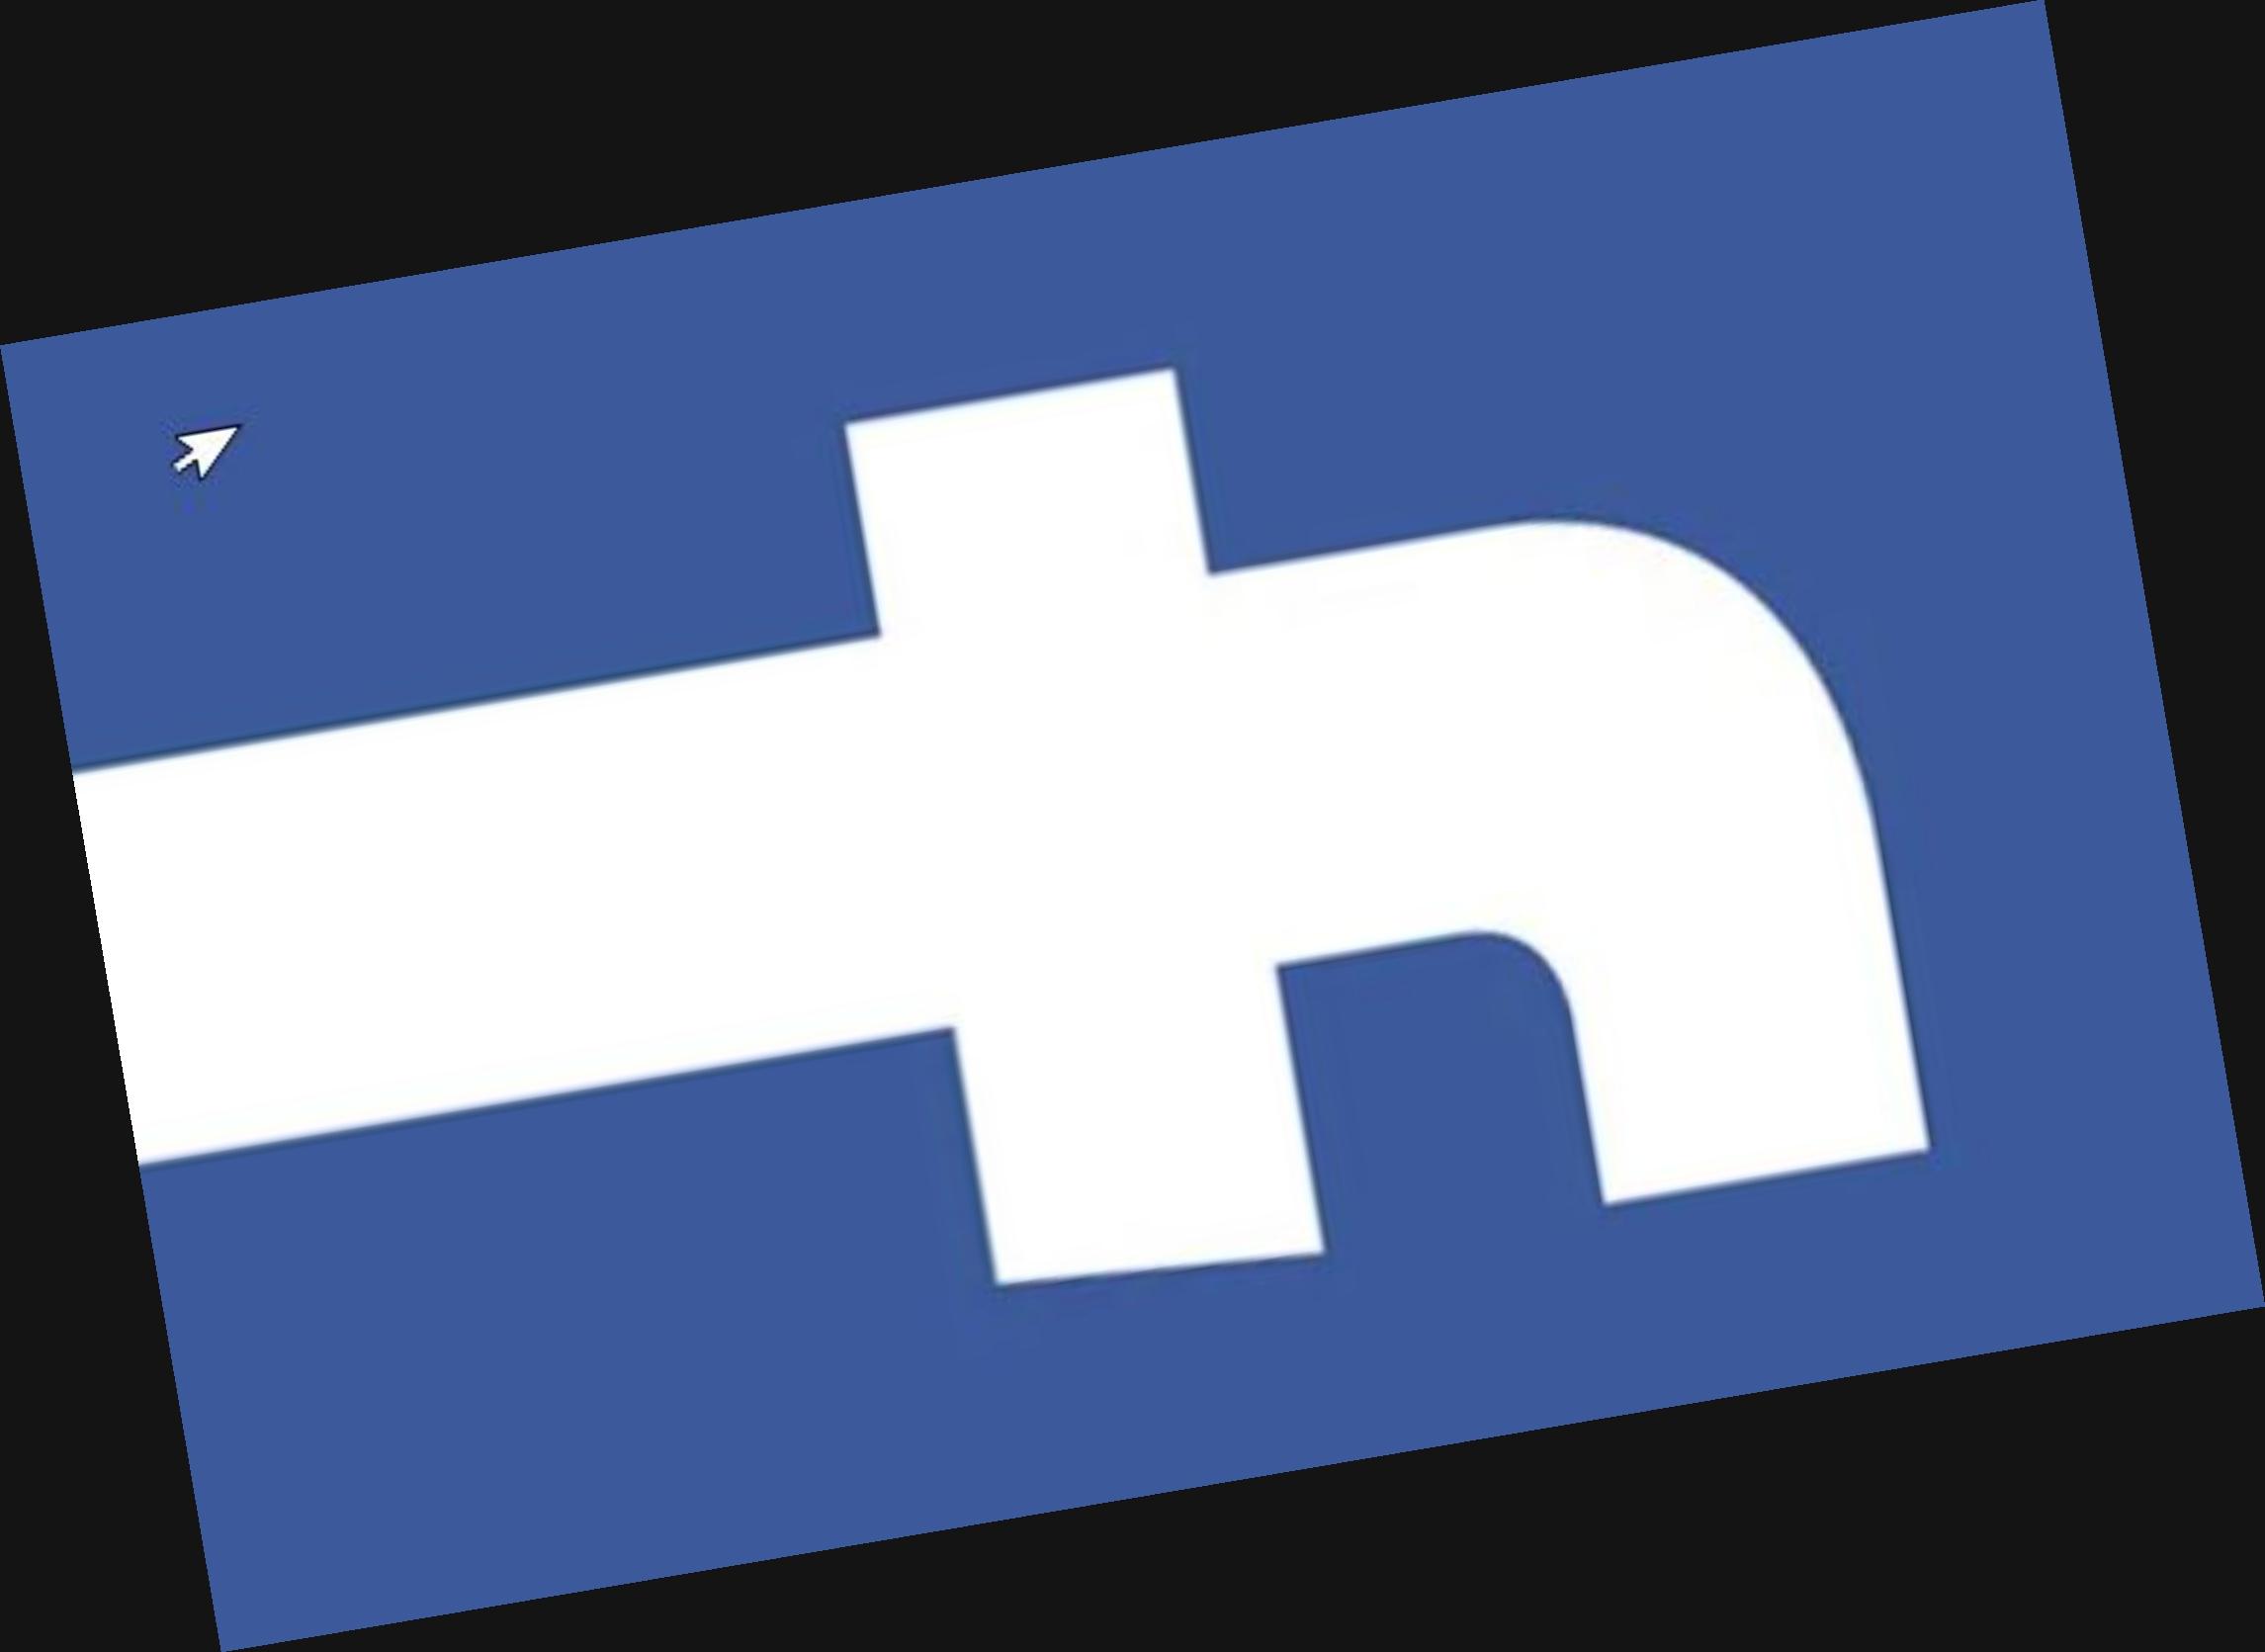 Editorial: O Facebook colocou meio mundo de joelhos